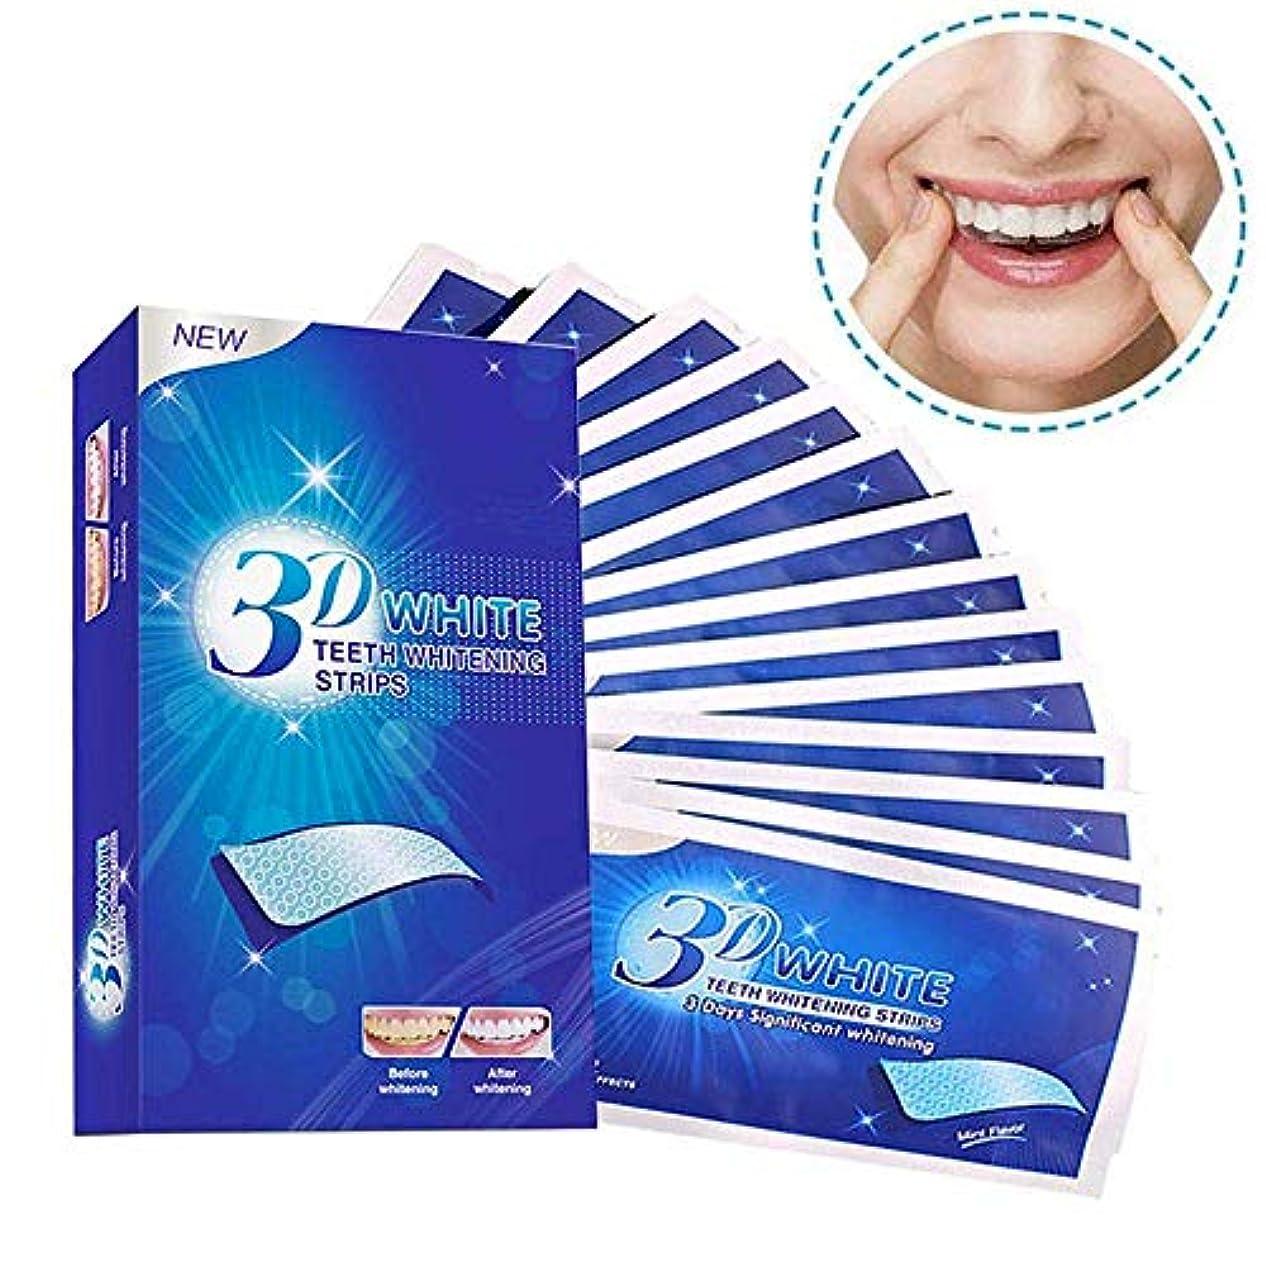 乏しいラッカススナッチ歯 美白 ホワイトニング マニキュア 歯ケア 歯のホワイトニング 美白歯磨き 歯を白 ホワイトニングテープ 歯を漂白 7セット/14枚 (7セット/14枚)